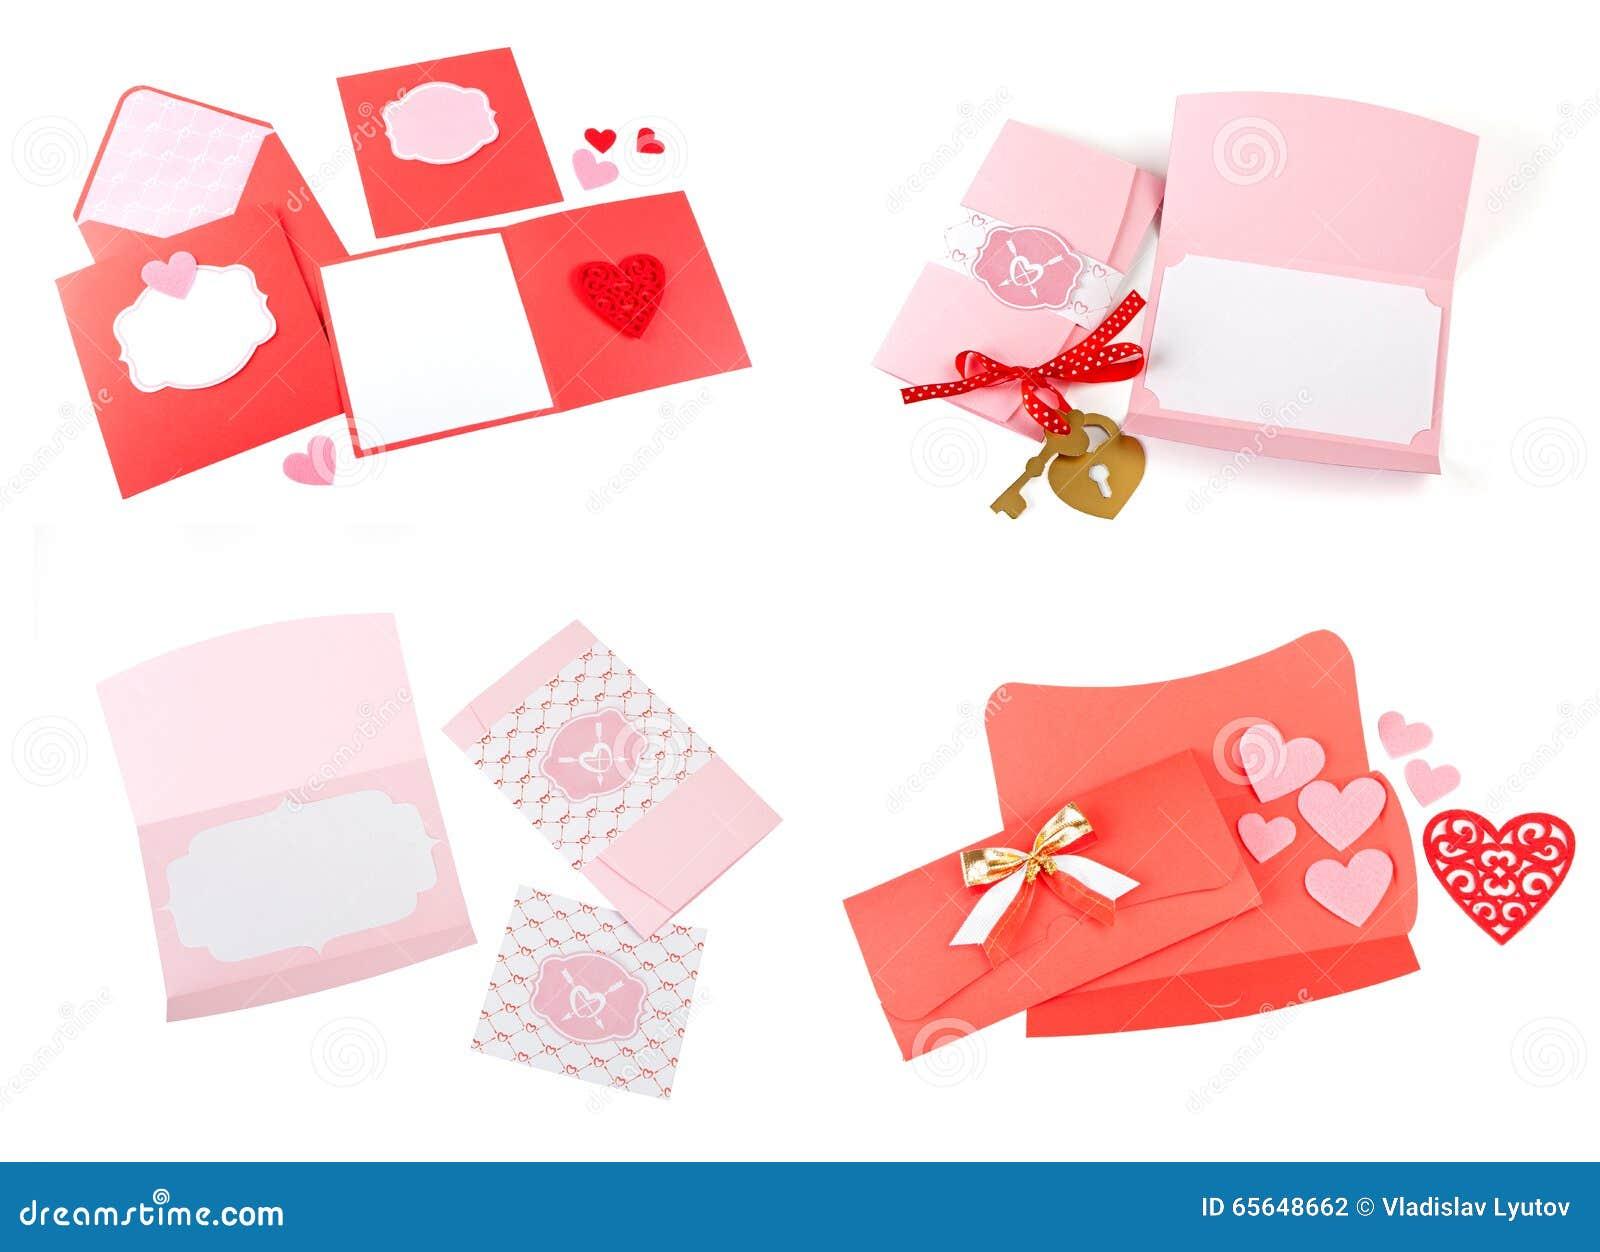 Ensemble romantique de conception Pour être employé pour des cartes postales, invitations, carte